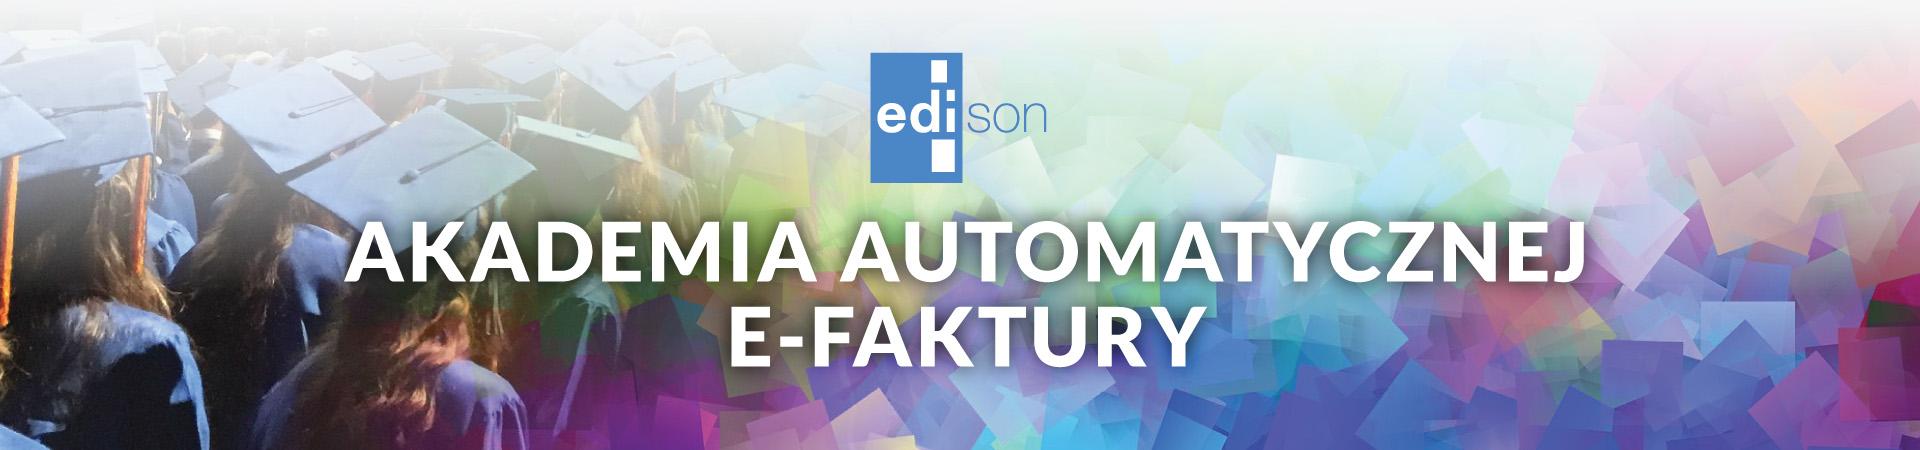 edison_www_slider_akademia_fa